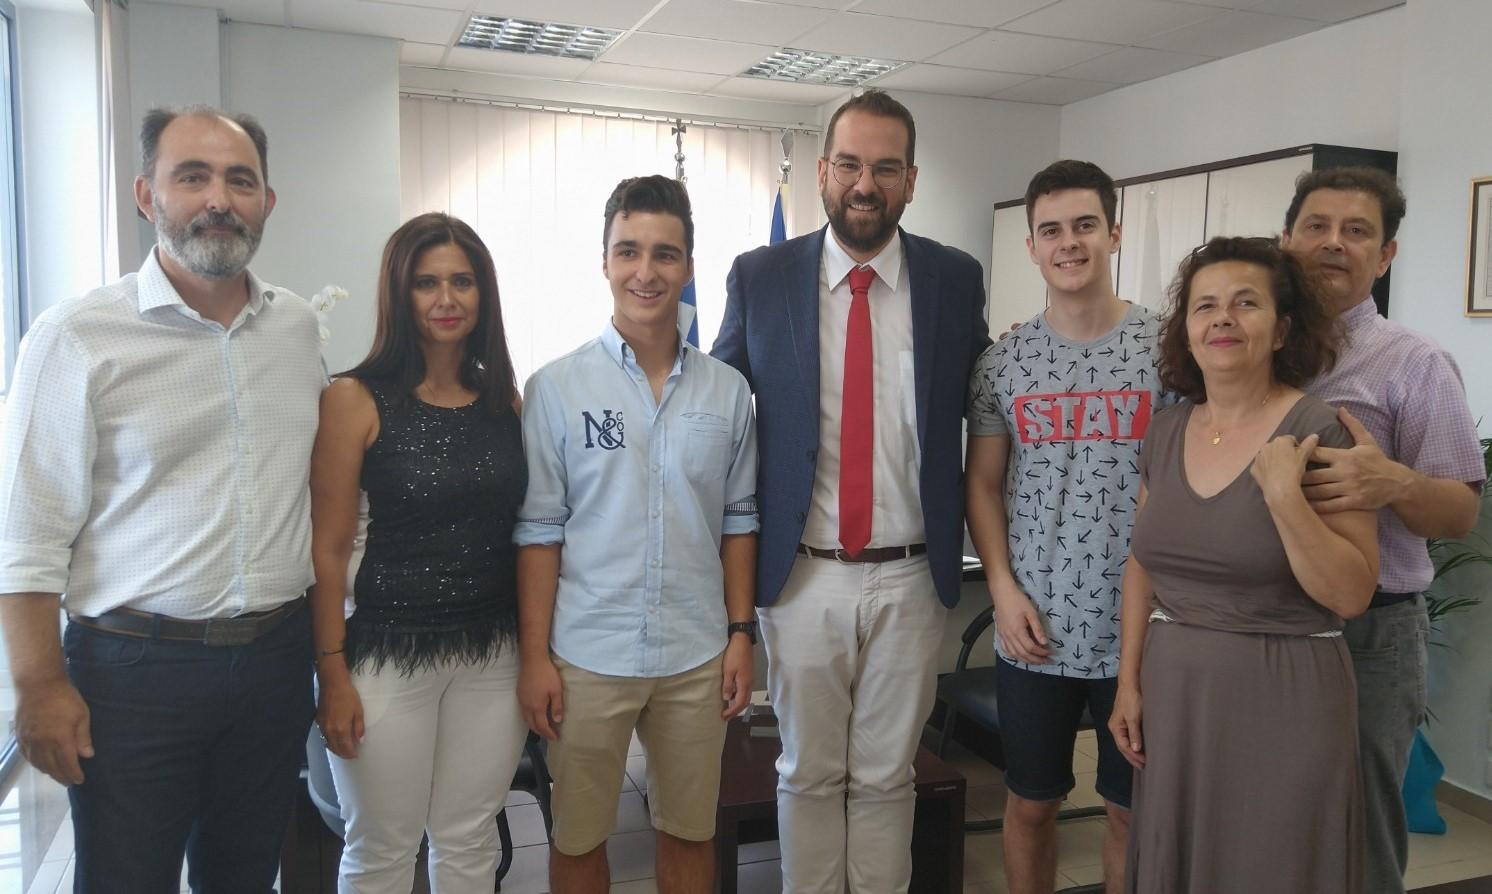 Περιφέρεια Δυτ. Ελλάδας: Δύο ακόμα αριστούχοι επιτυχόντες στο γραφείο του Νεκτάριου Φαρμάκη (photo)